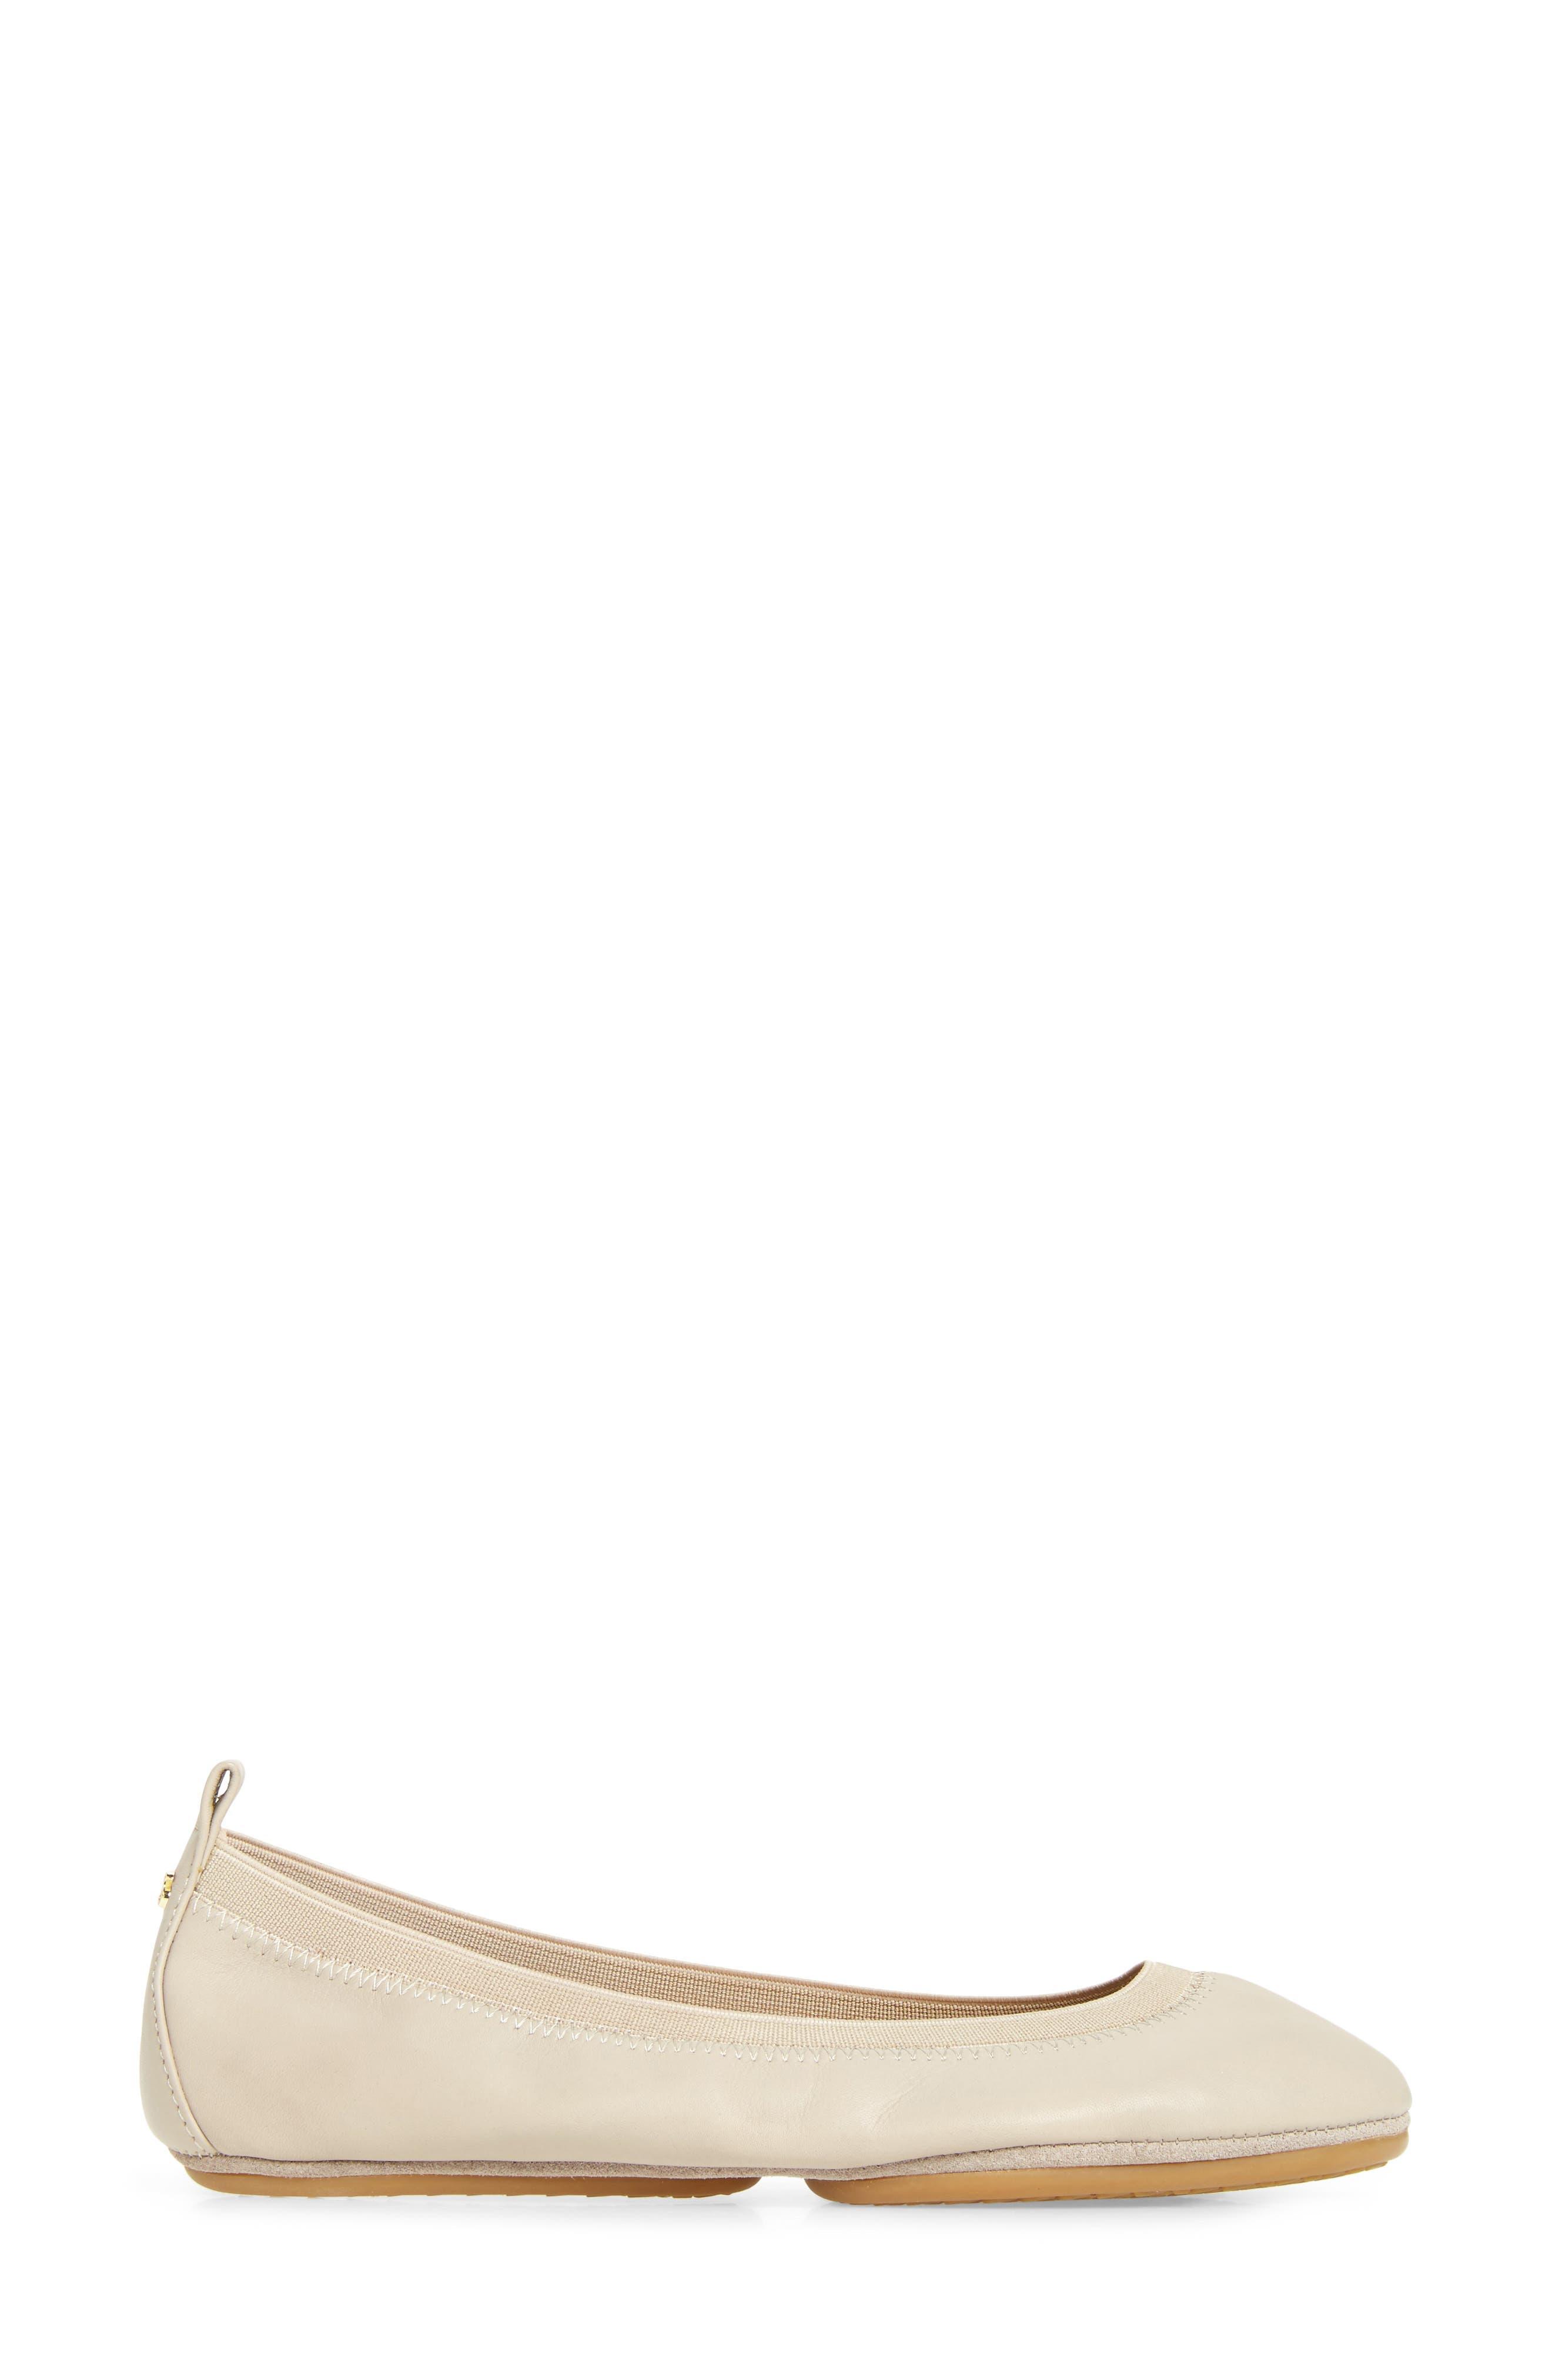 Alternate Image 3  - Yosi Samra Samara Foldable Ballet Flat (Women)